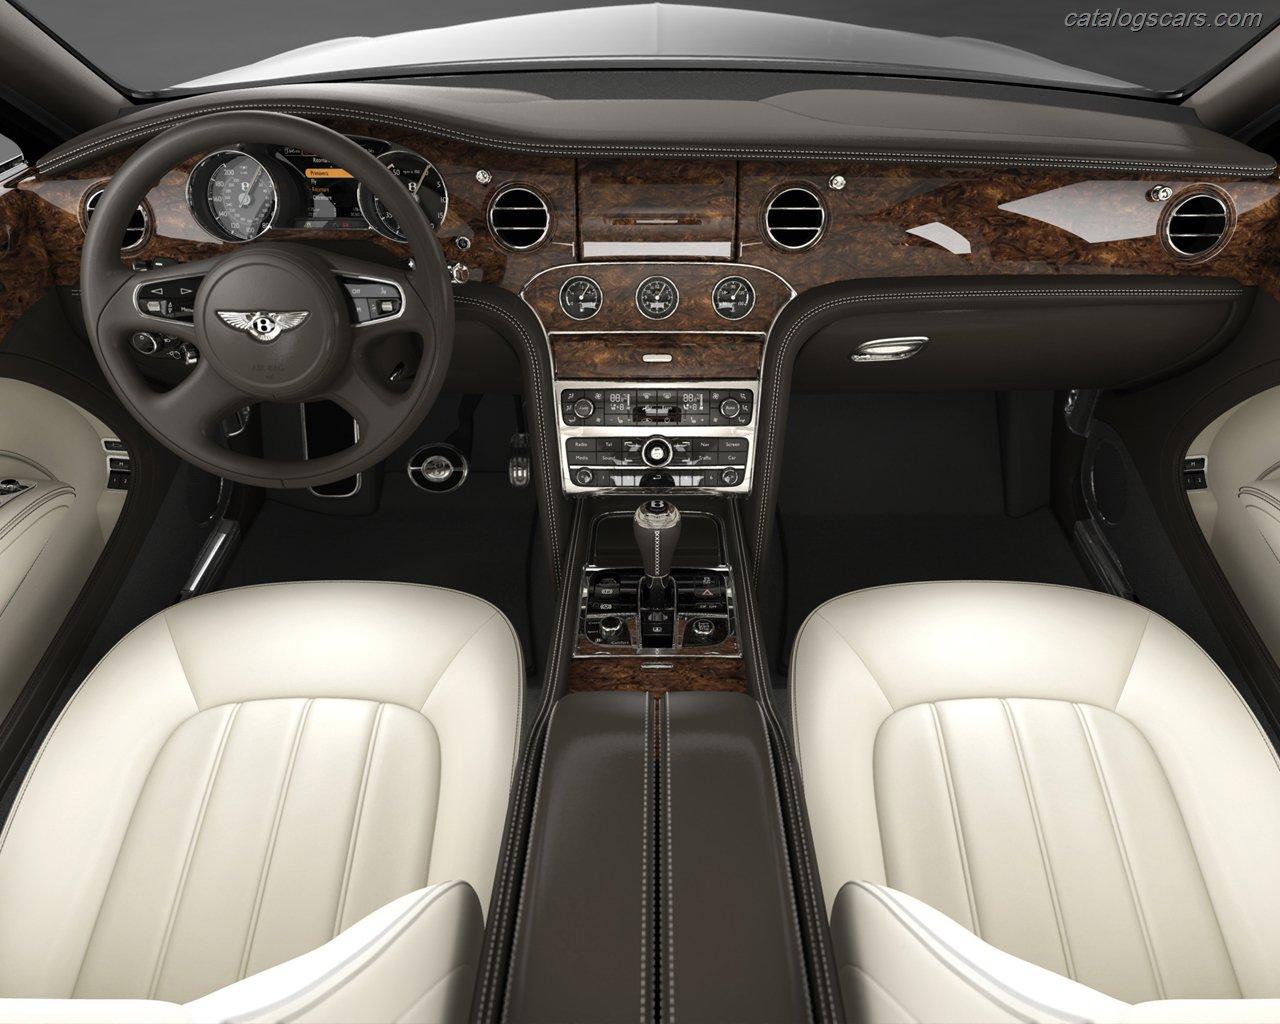 صور سيارة بنتلى مولسان 2014 - اجمل خلفيات صور عربية بنتلى مولسان 2014 - Bentley Mulsanne Photos Bentley-Mulsanne-2011-15.jpg